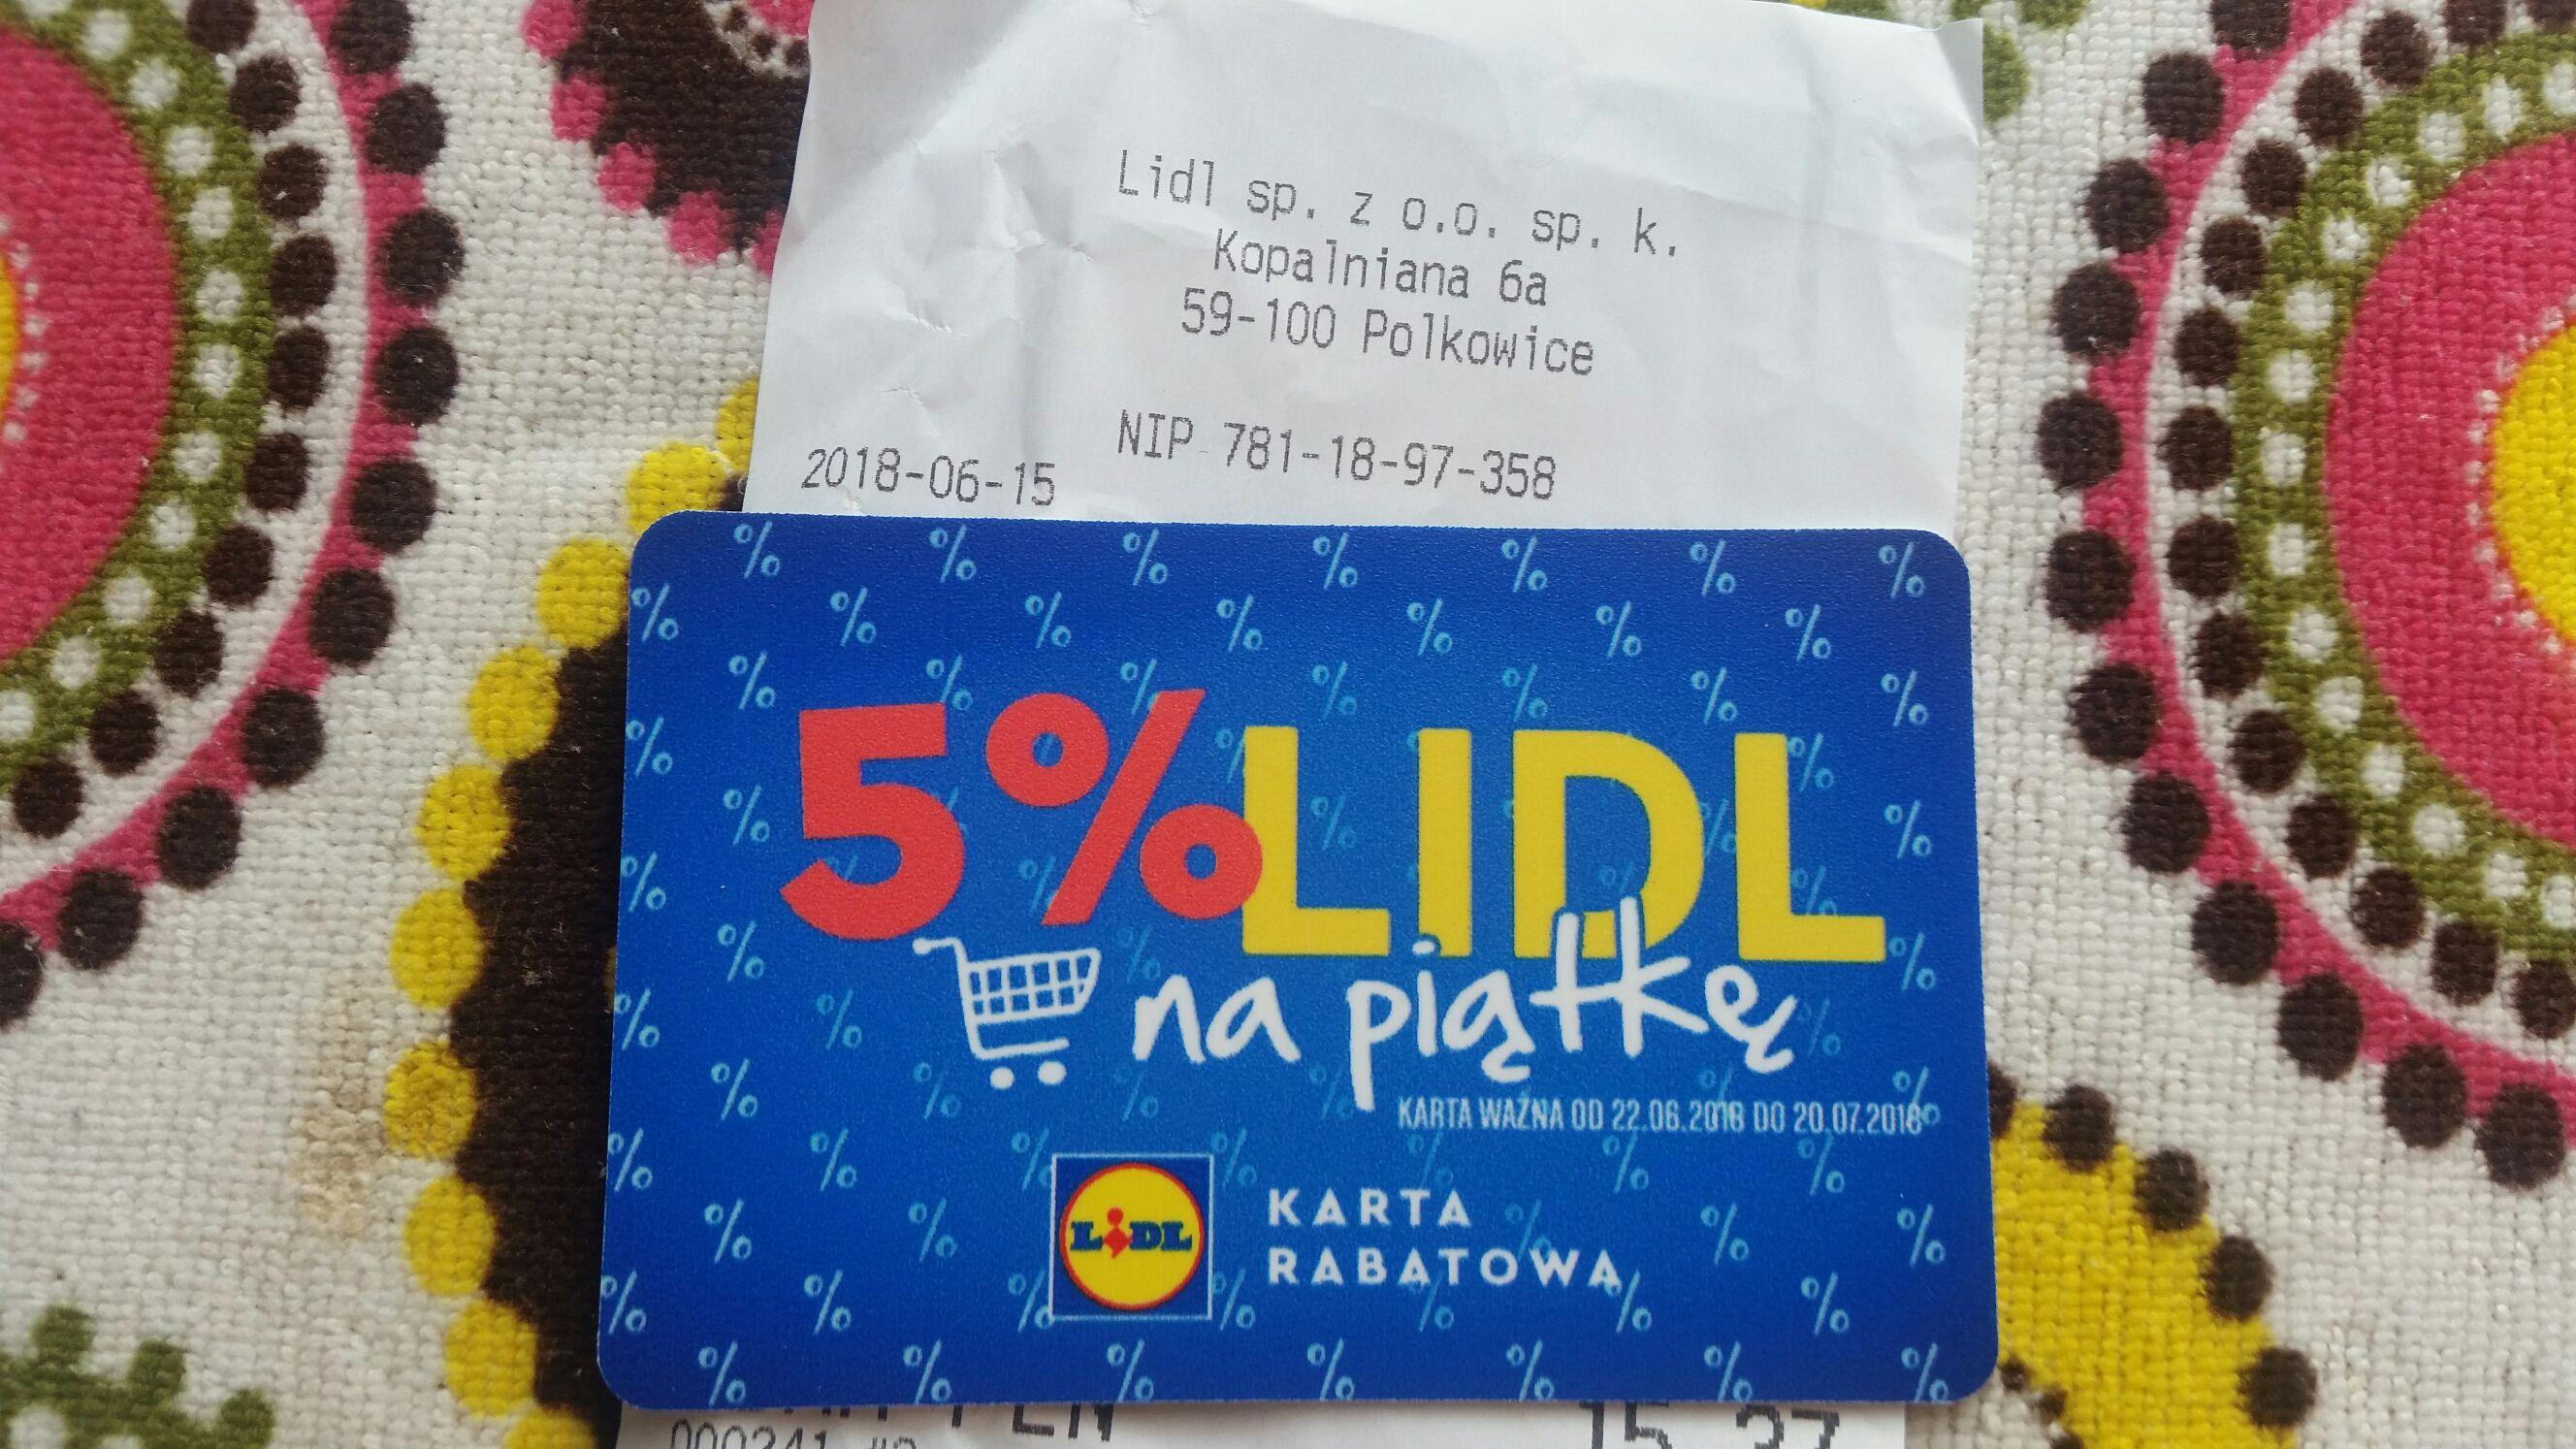 Karta rabatowa za zakupy w Lidlu